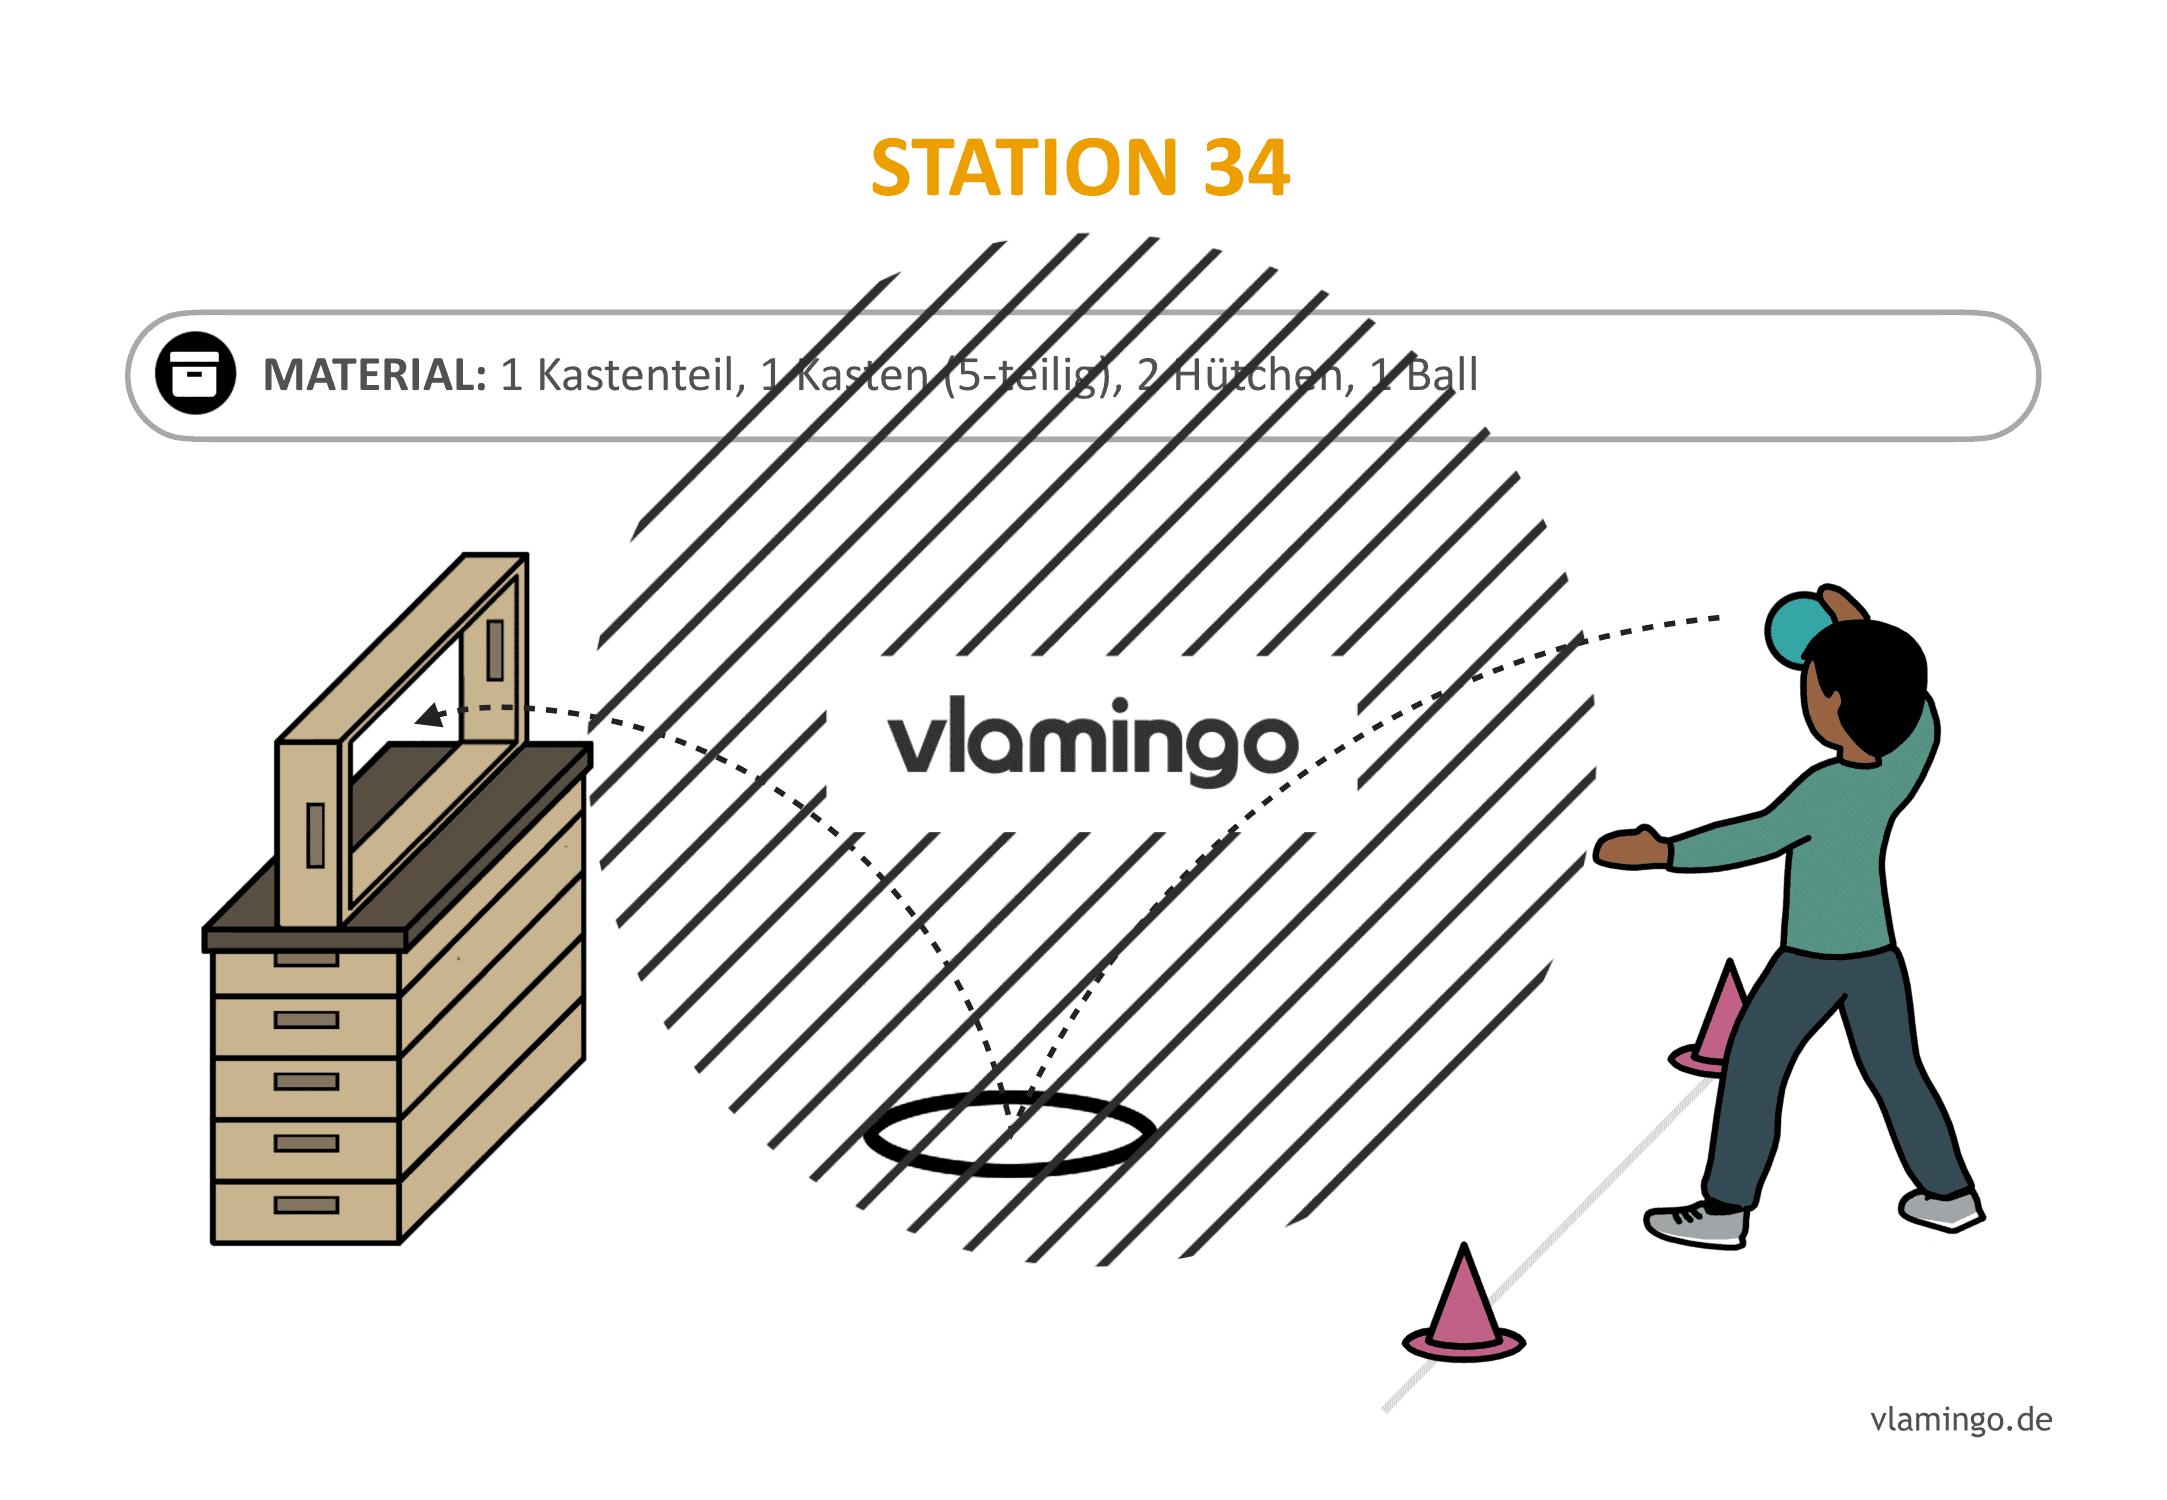 Handballgolf - Station-34